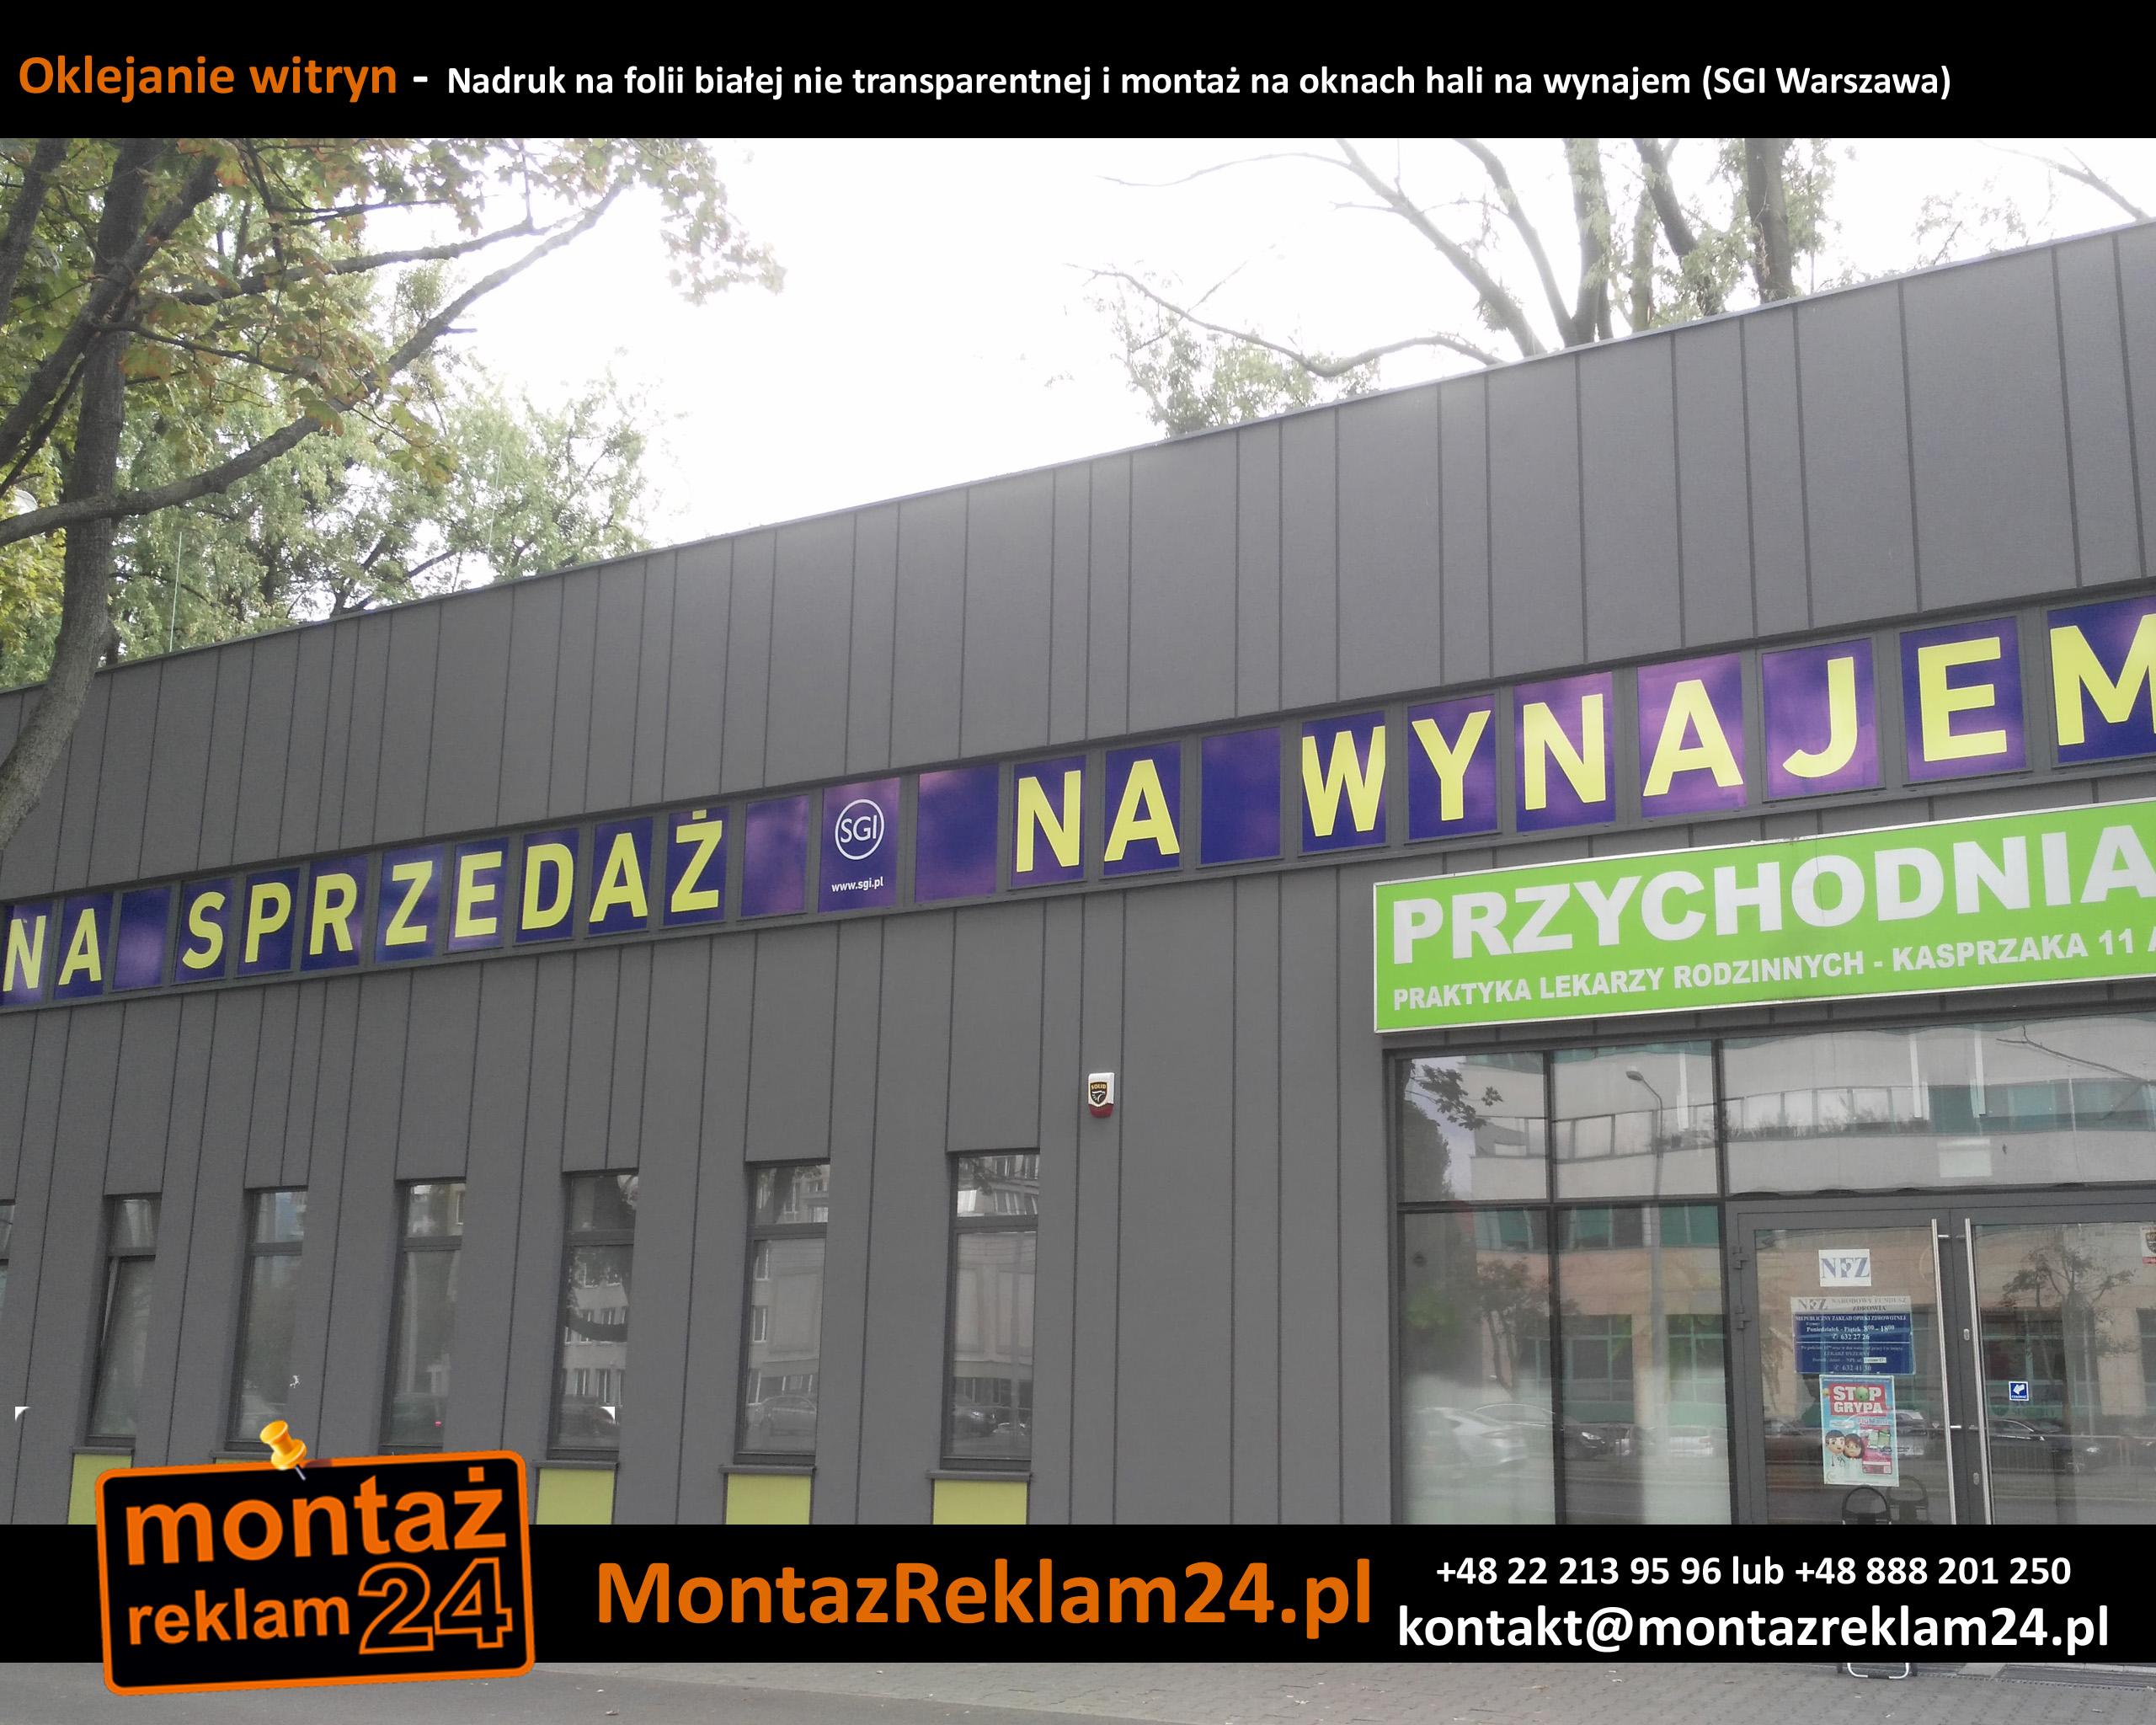 Oklejanie witryn -  Nadruk na folii białej nie transparentnej i montaż na oknach hali na wynajem (SGI Warszawa).jpg